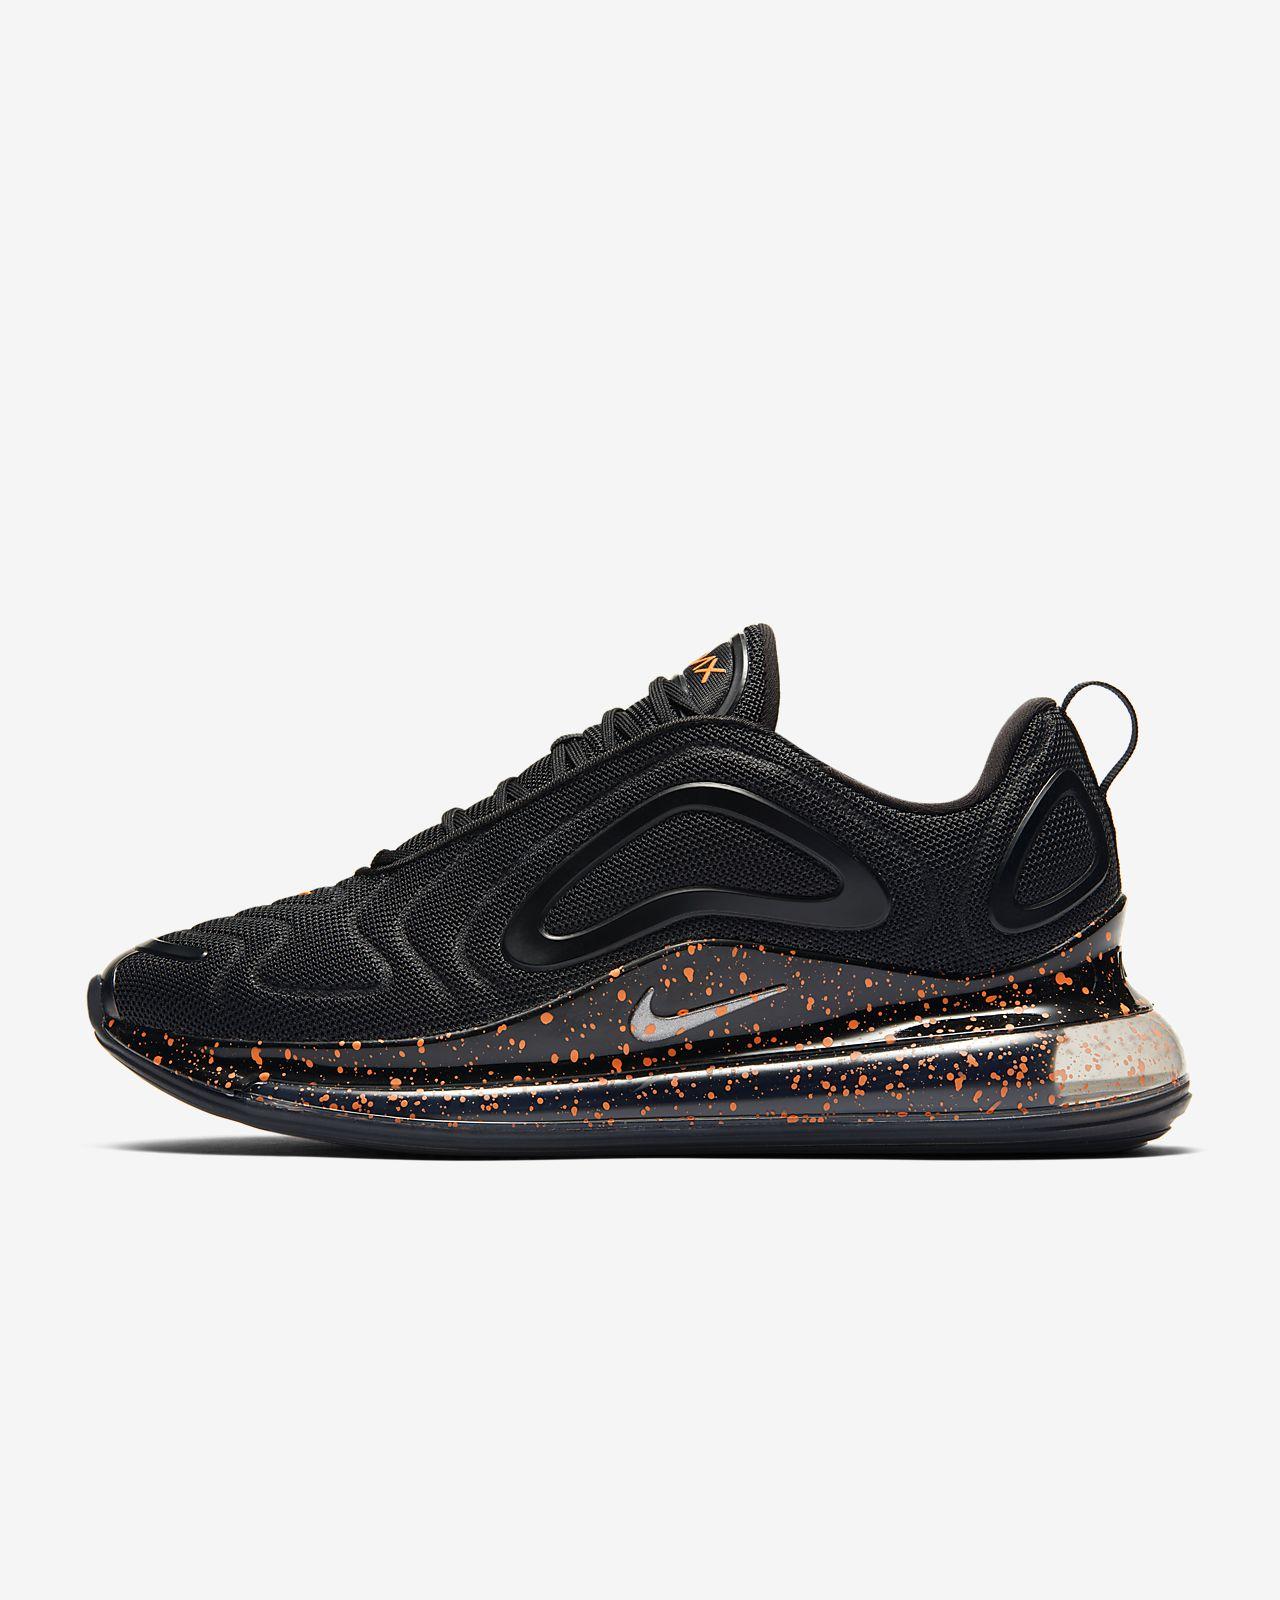 fdbb4c8805 Nike Air Max 720 férficipő. Nike.com HU